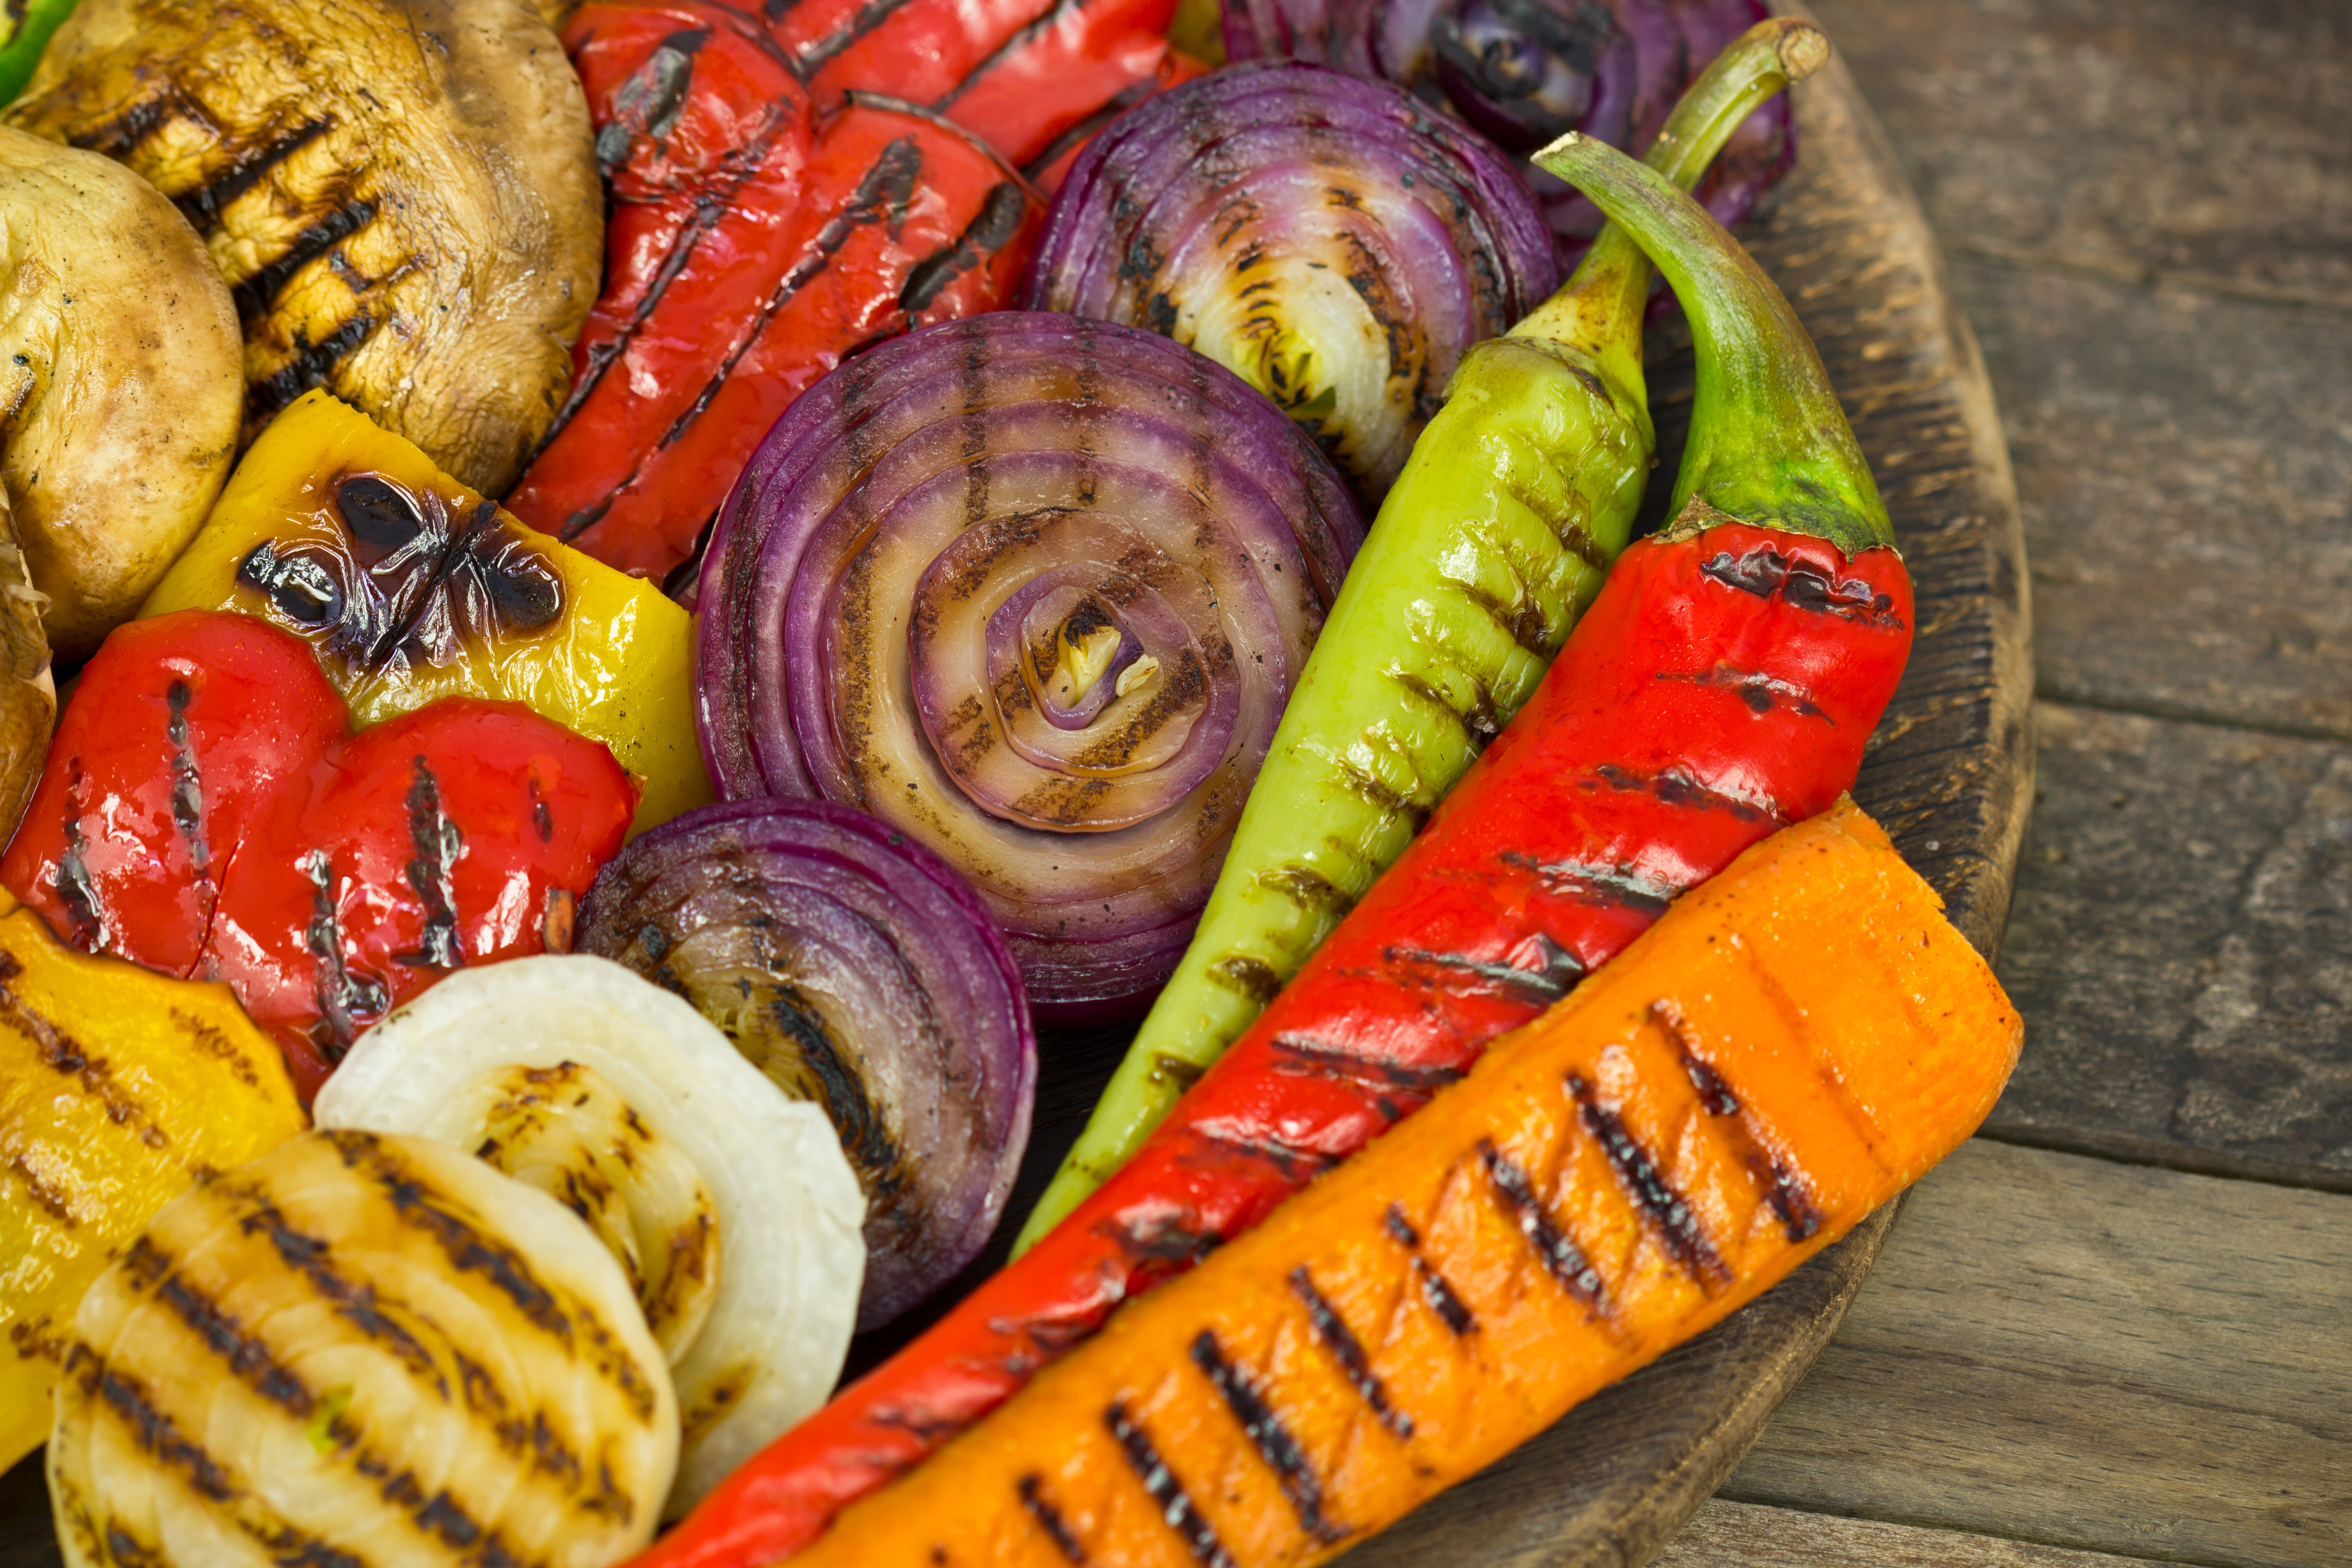 Grilling Vegetables 101